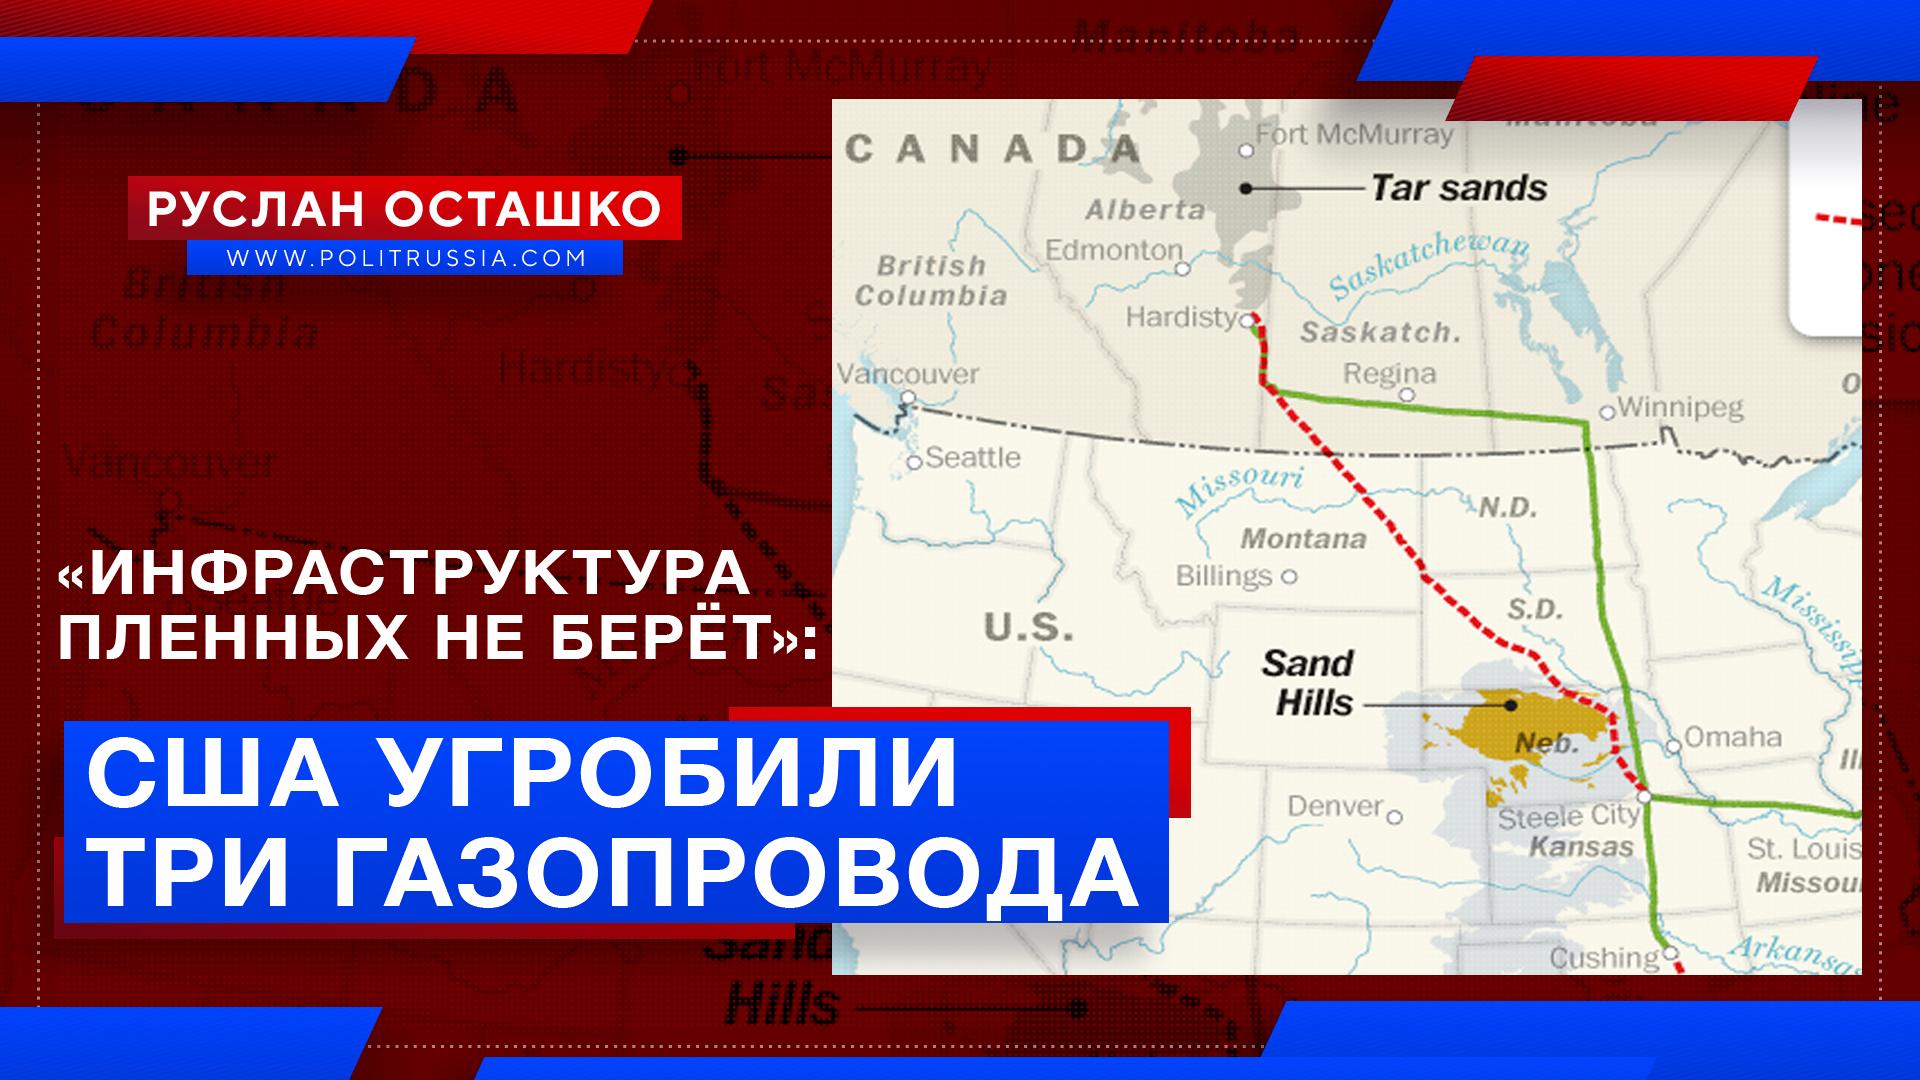 «Инфраструктура пленных не берёт»: в США угробили сразу три газопровода геополитика